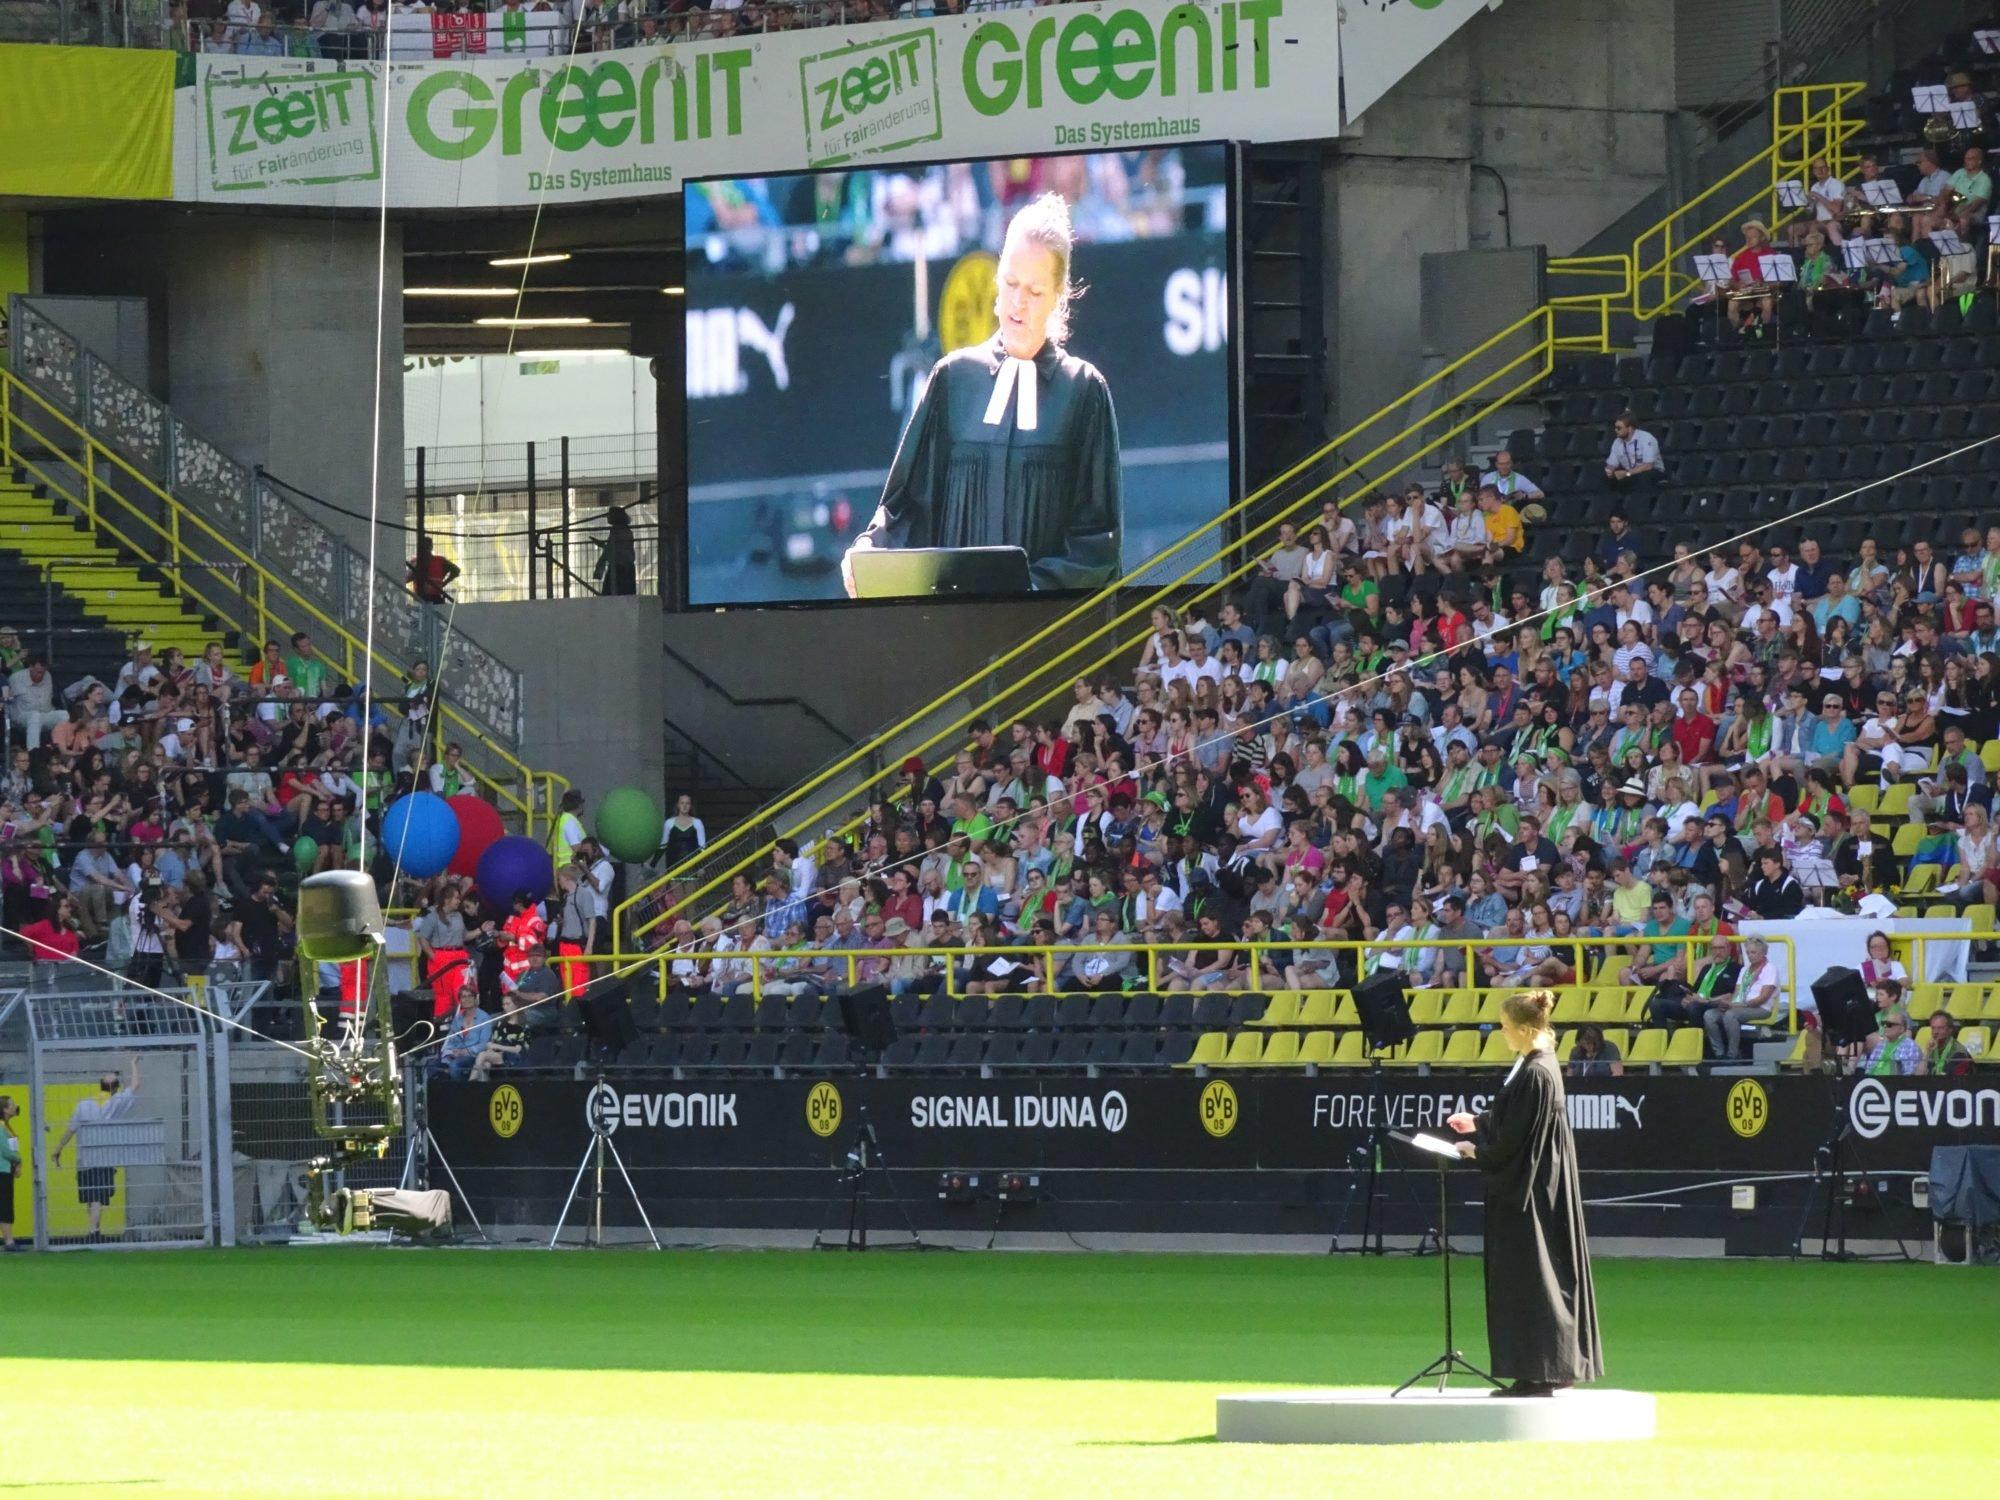 Eine Frau im schwarzen Talar steht auf dem Fußballfeld. Sie hält die Predigt. Im Hintergrund ist Signal Iduna und Evonik zu lesen. Es ist das Stadion von Borussia Dortmund.